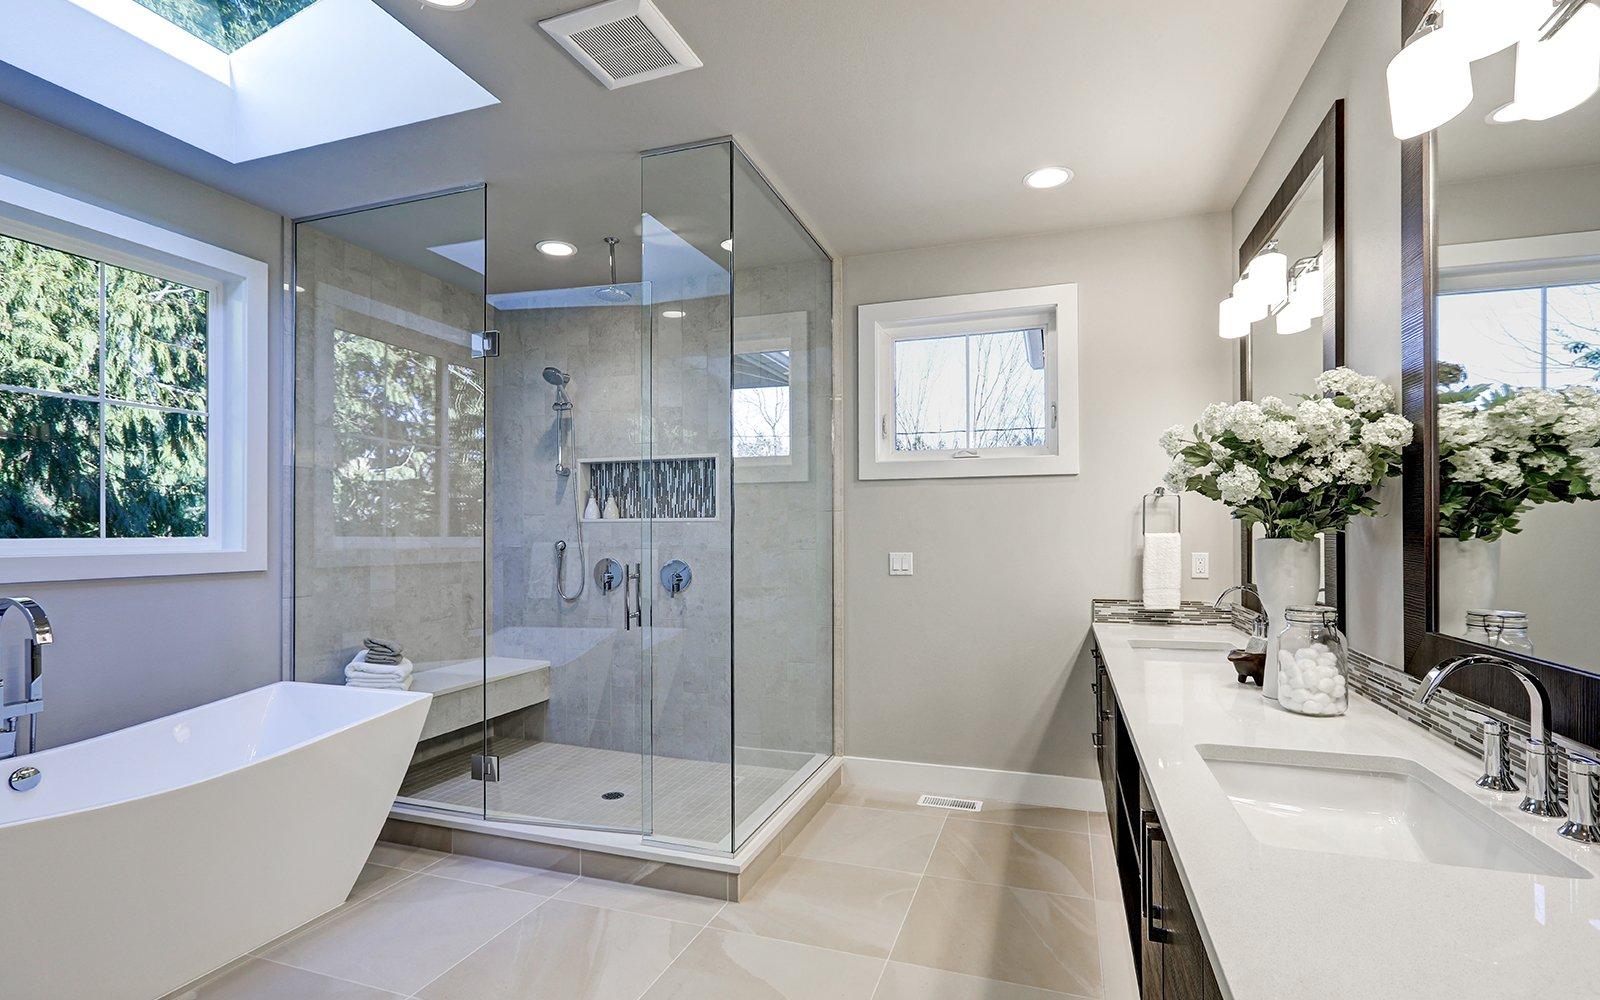 un bagno moderno con vista di due lavabi, un vaso con dei fiori, una vasca e un ampio box doccia